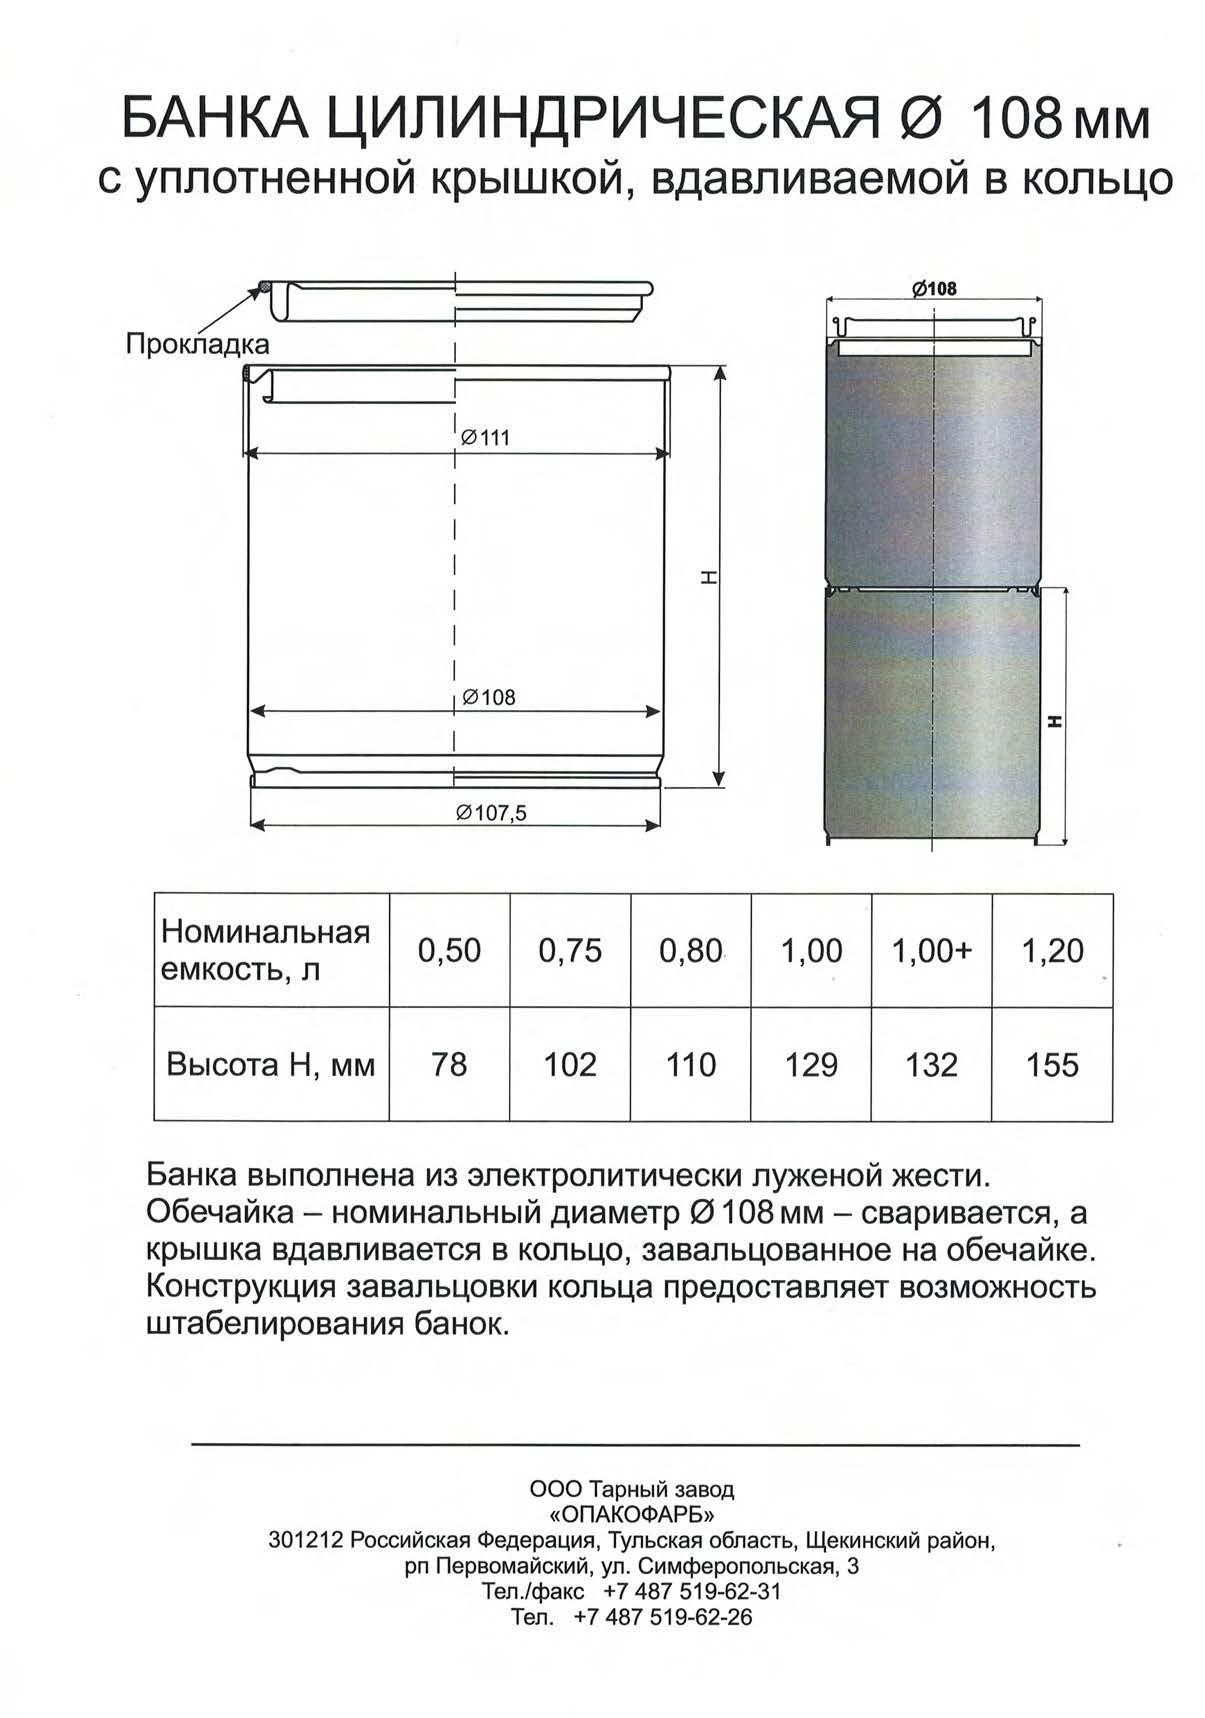 Banka 108_ vdavlivaemoe_koltso_germetic